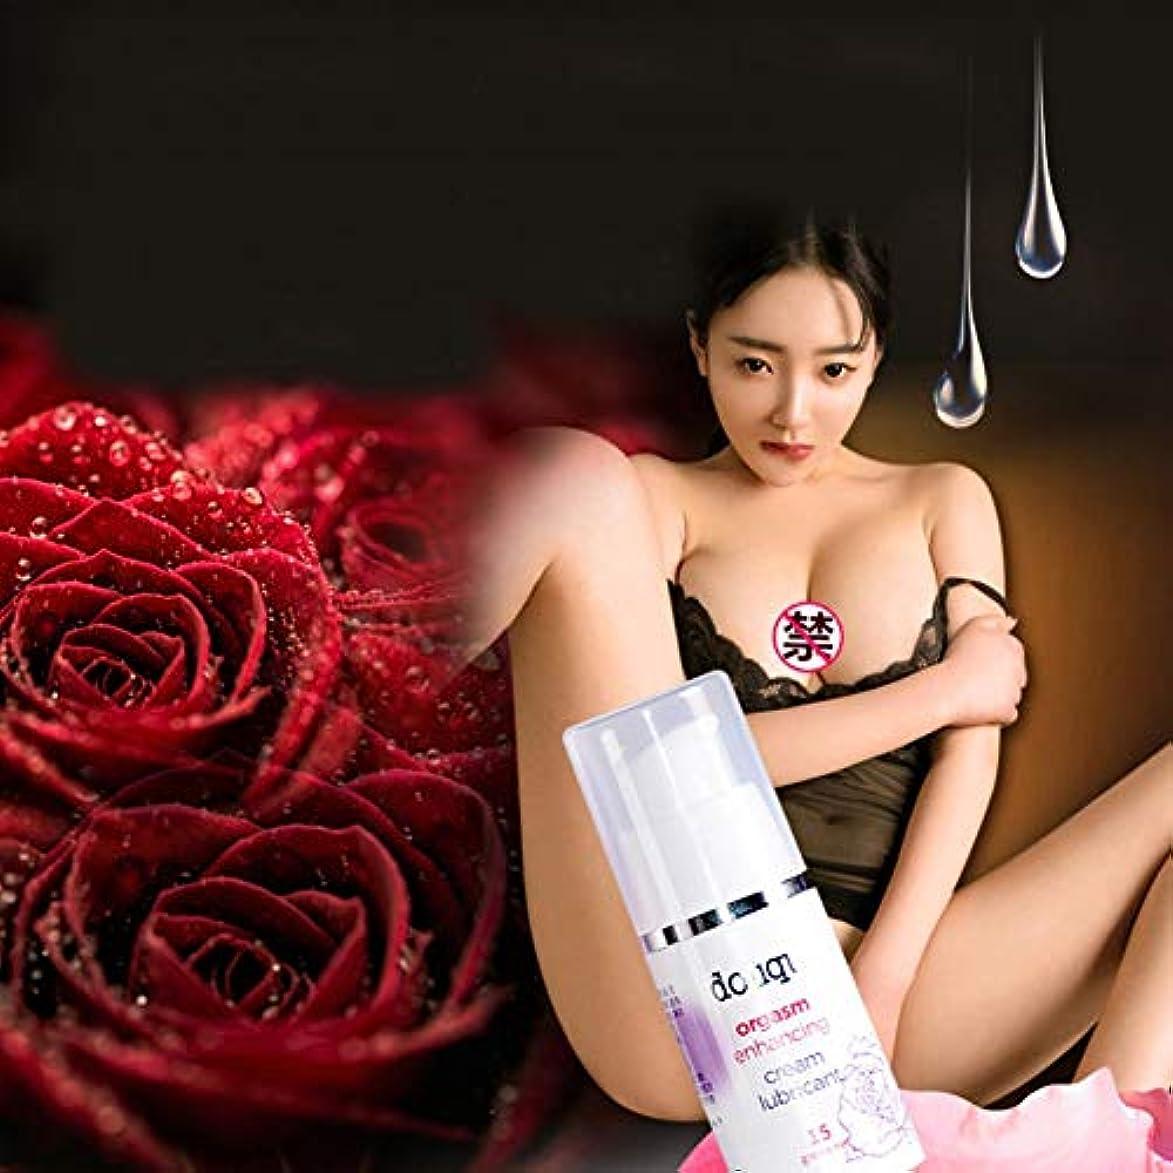 委員会爪タイプBalai 女性のための性的オーガズム強化潤滑剤 クリーム性的快感強化製品